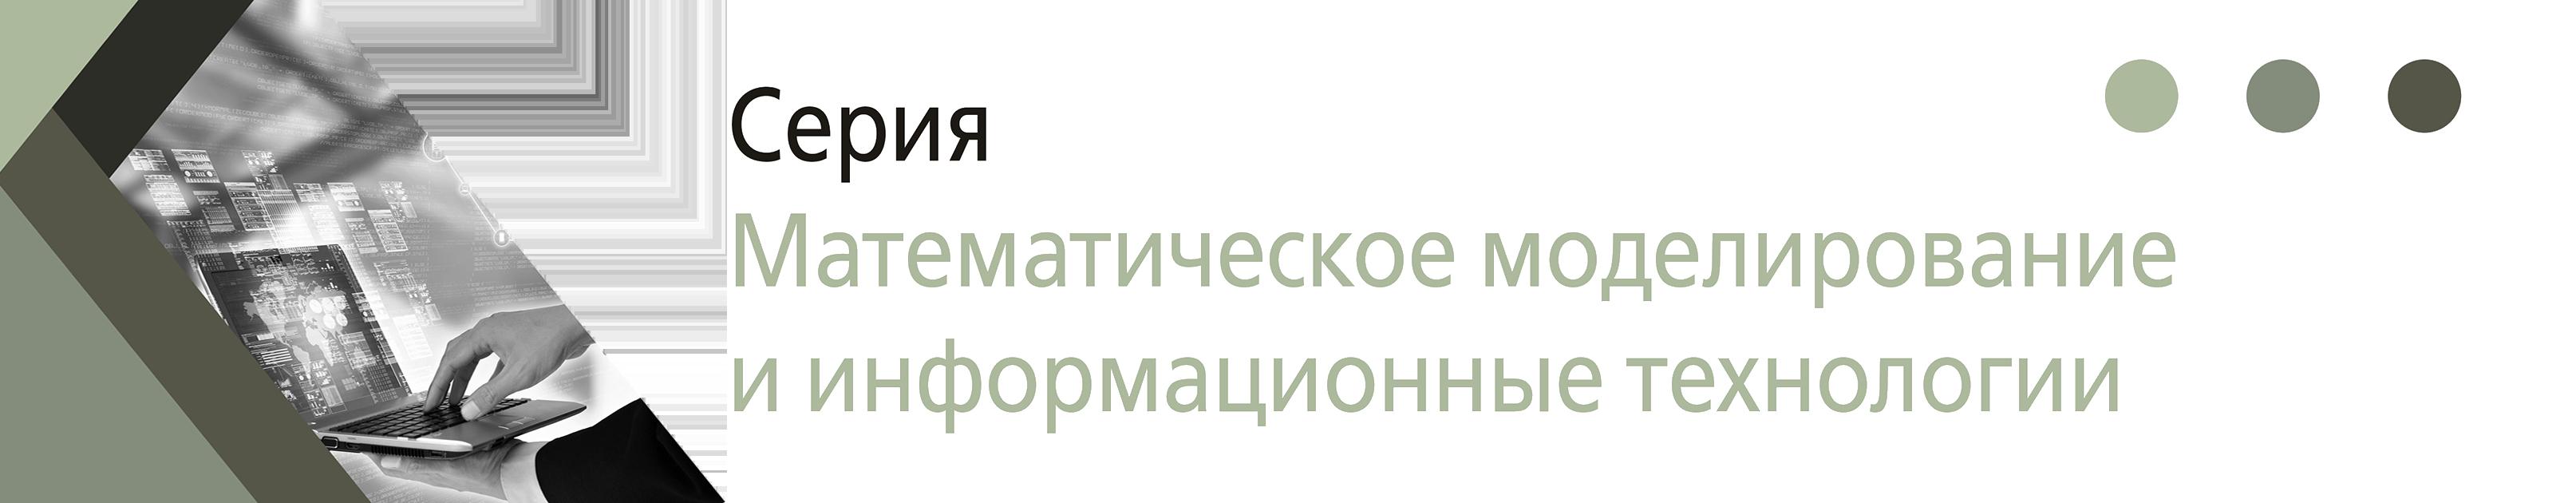 Серия Математическое моделирование и информационные технологии